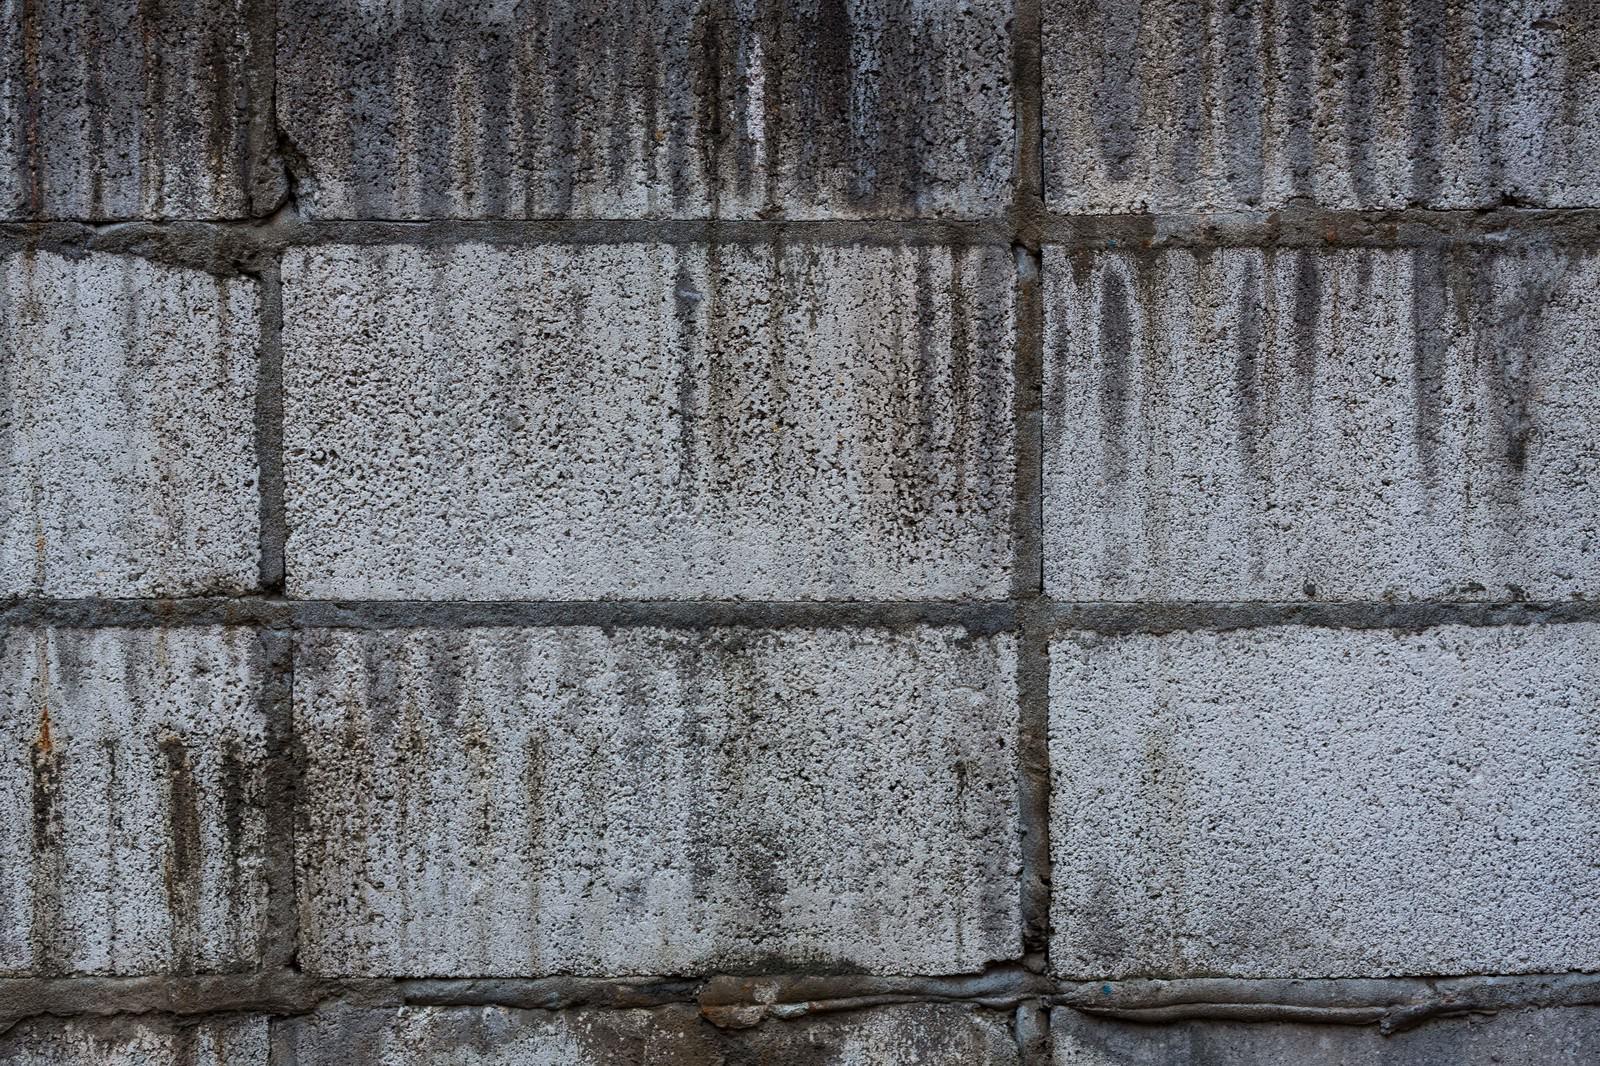 「汚れたブロック塀(テクスチャー)」の写真